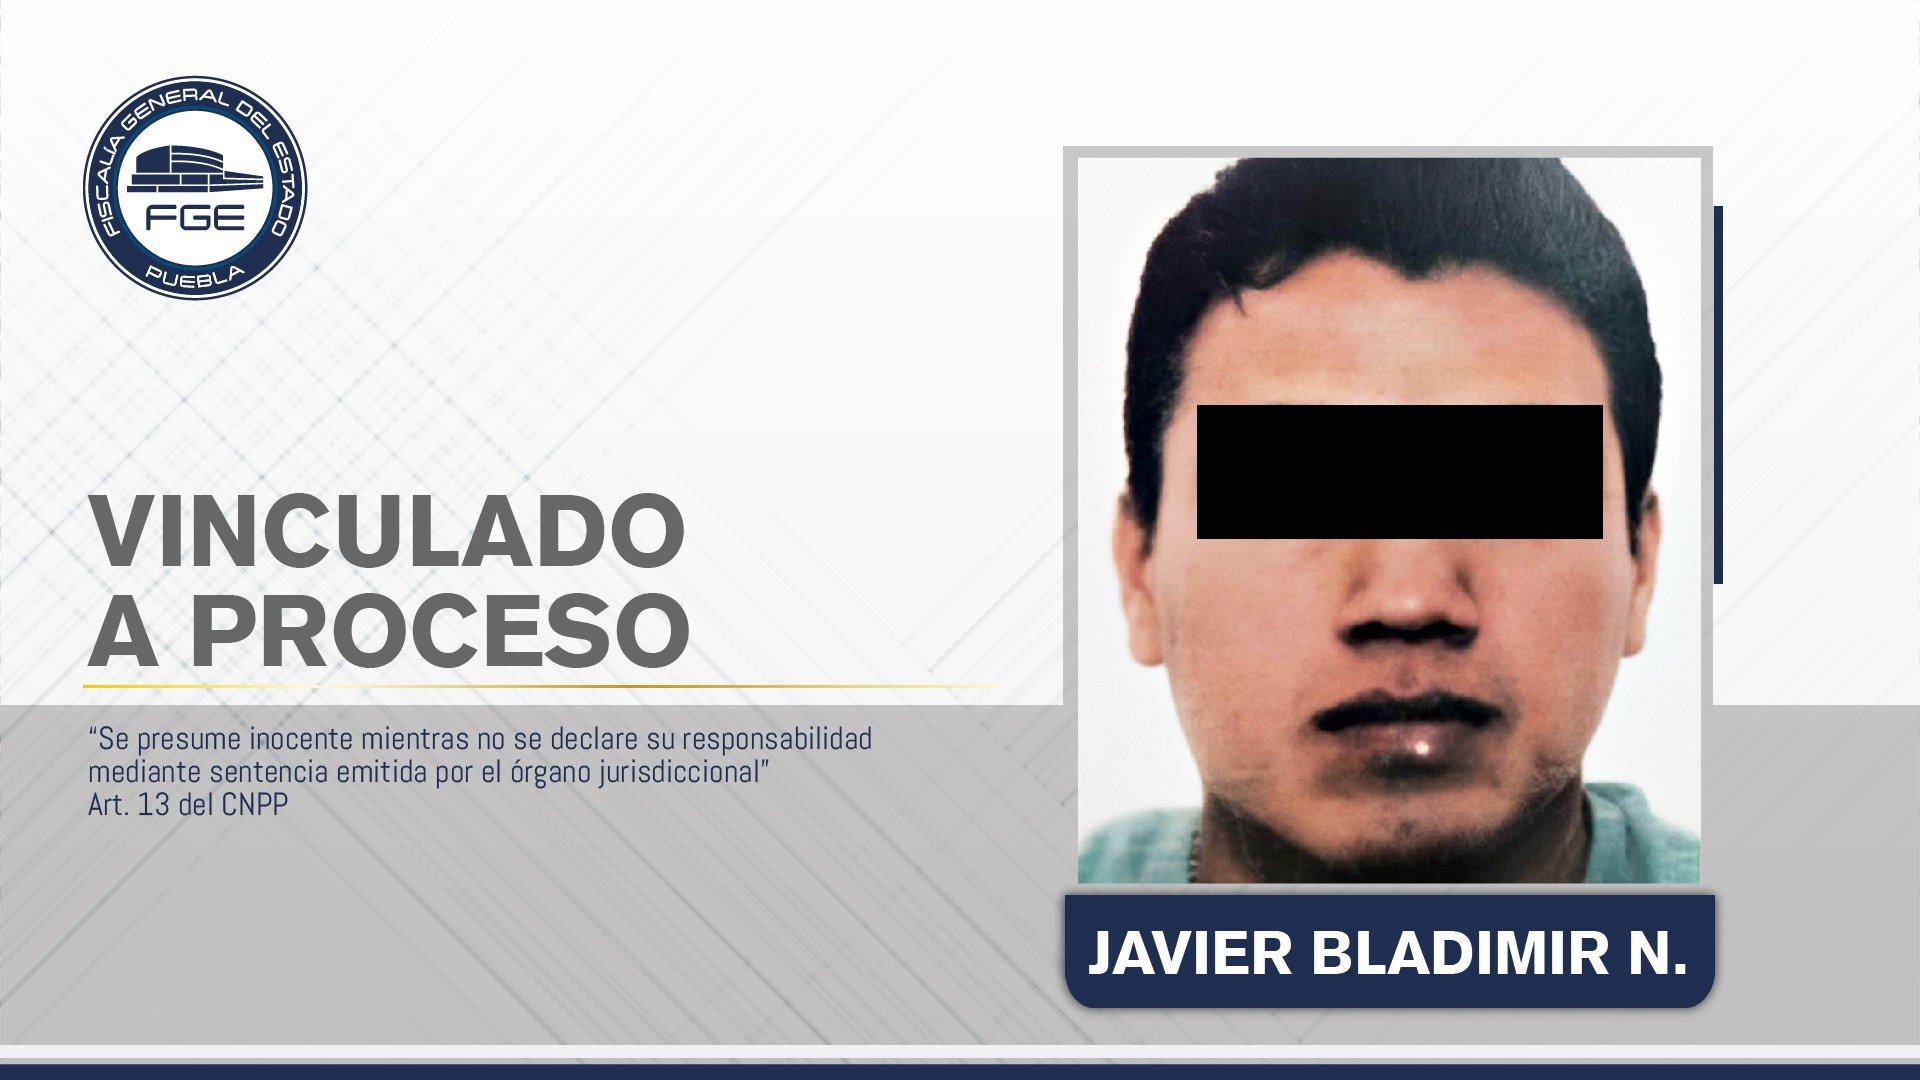 EN PRISIÓN, QUIEN COMO POLICÍA DE INTELIGENCIA EXTORSIONÓ EN 2018 A UN CIUDADANO